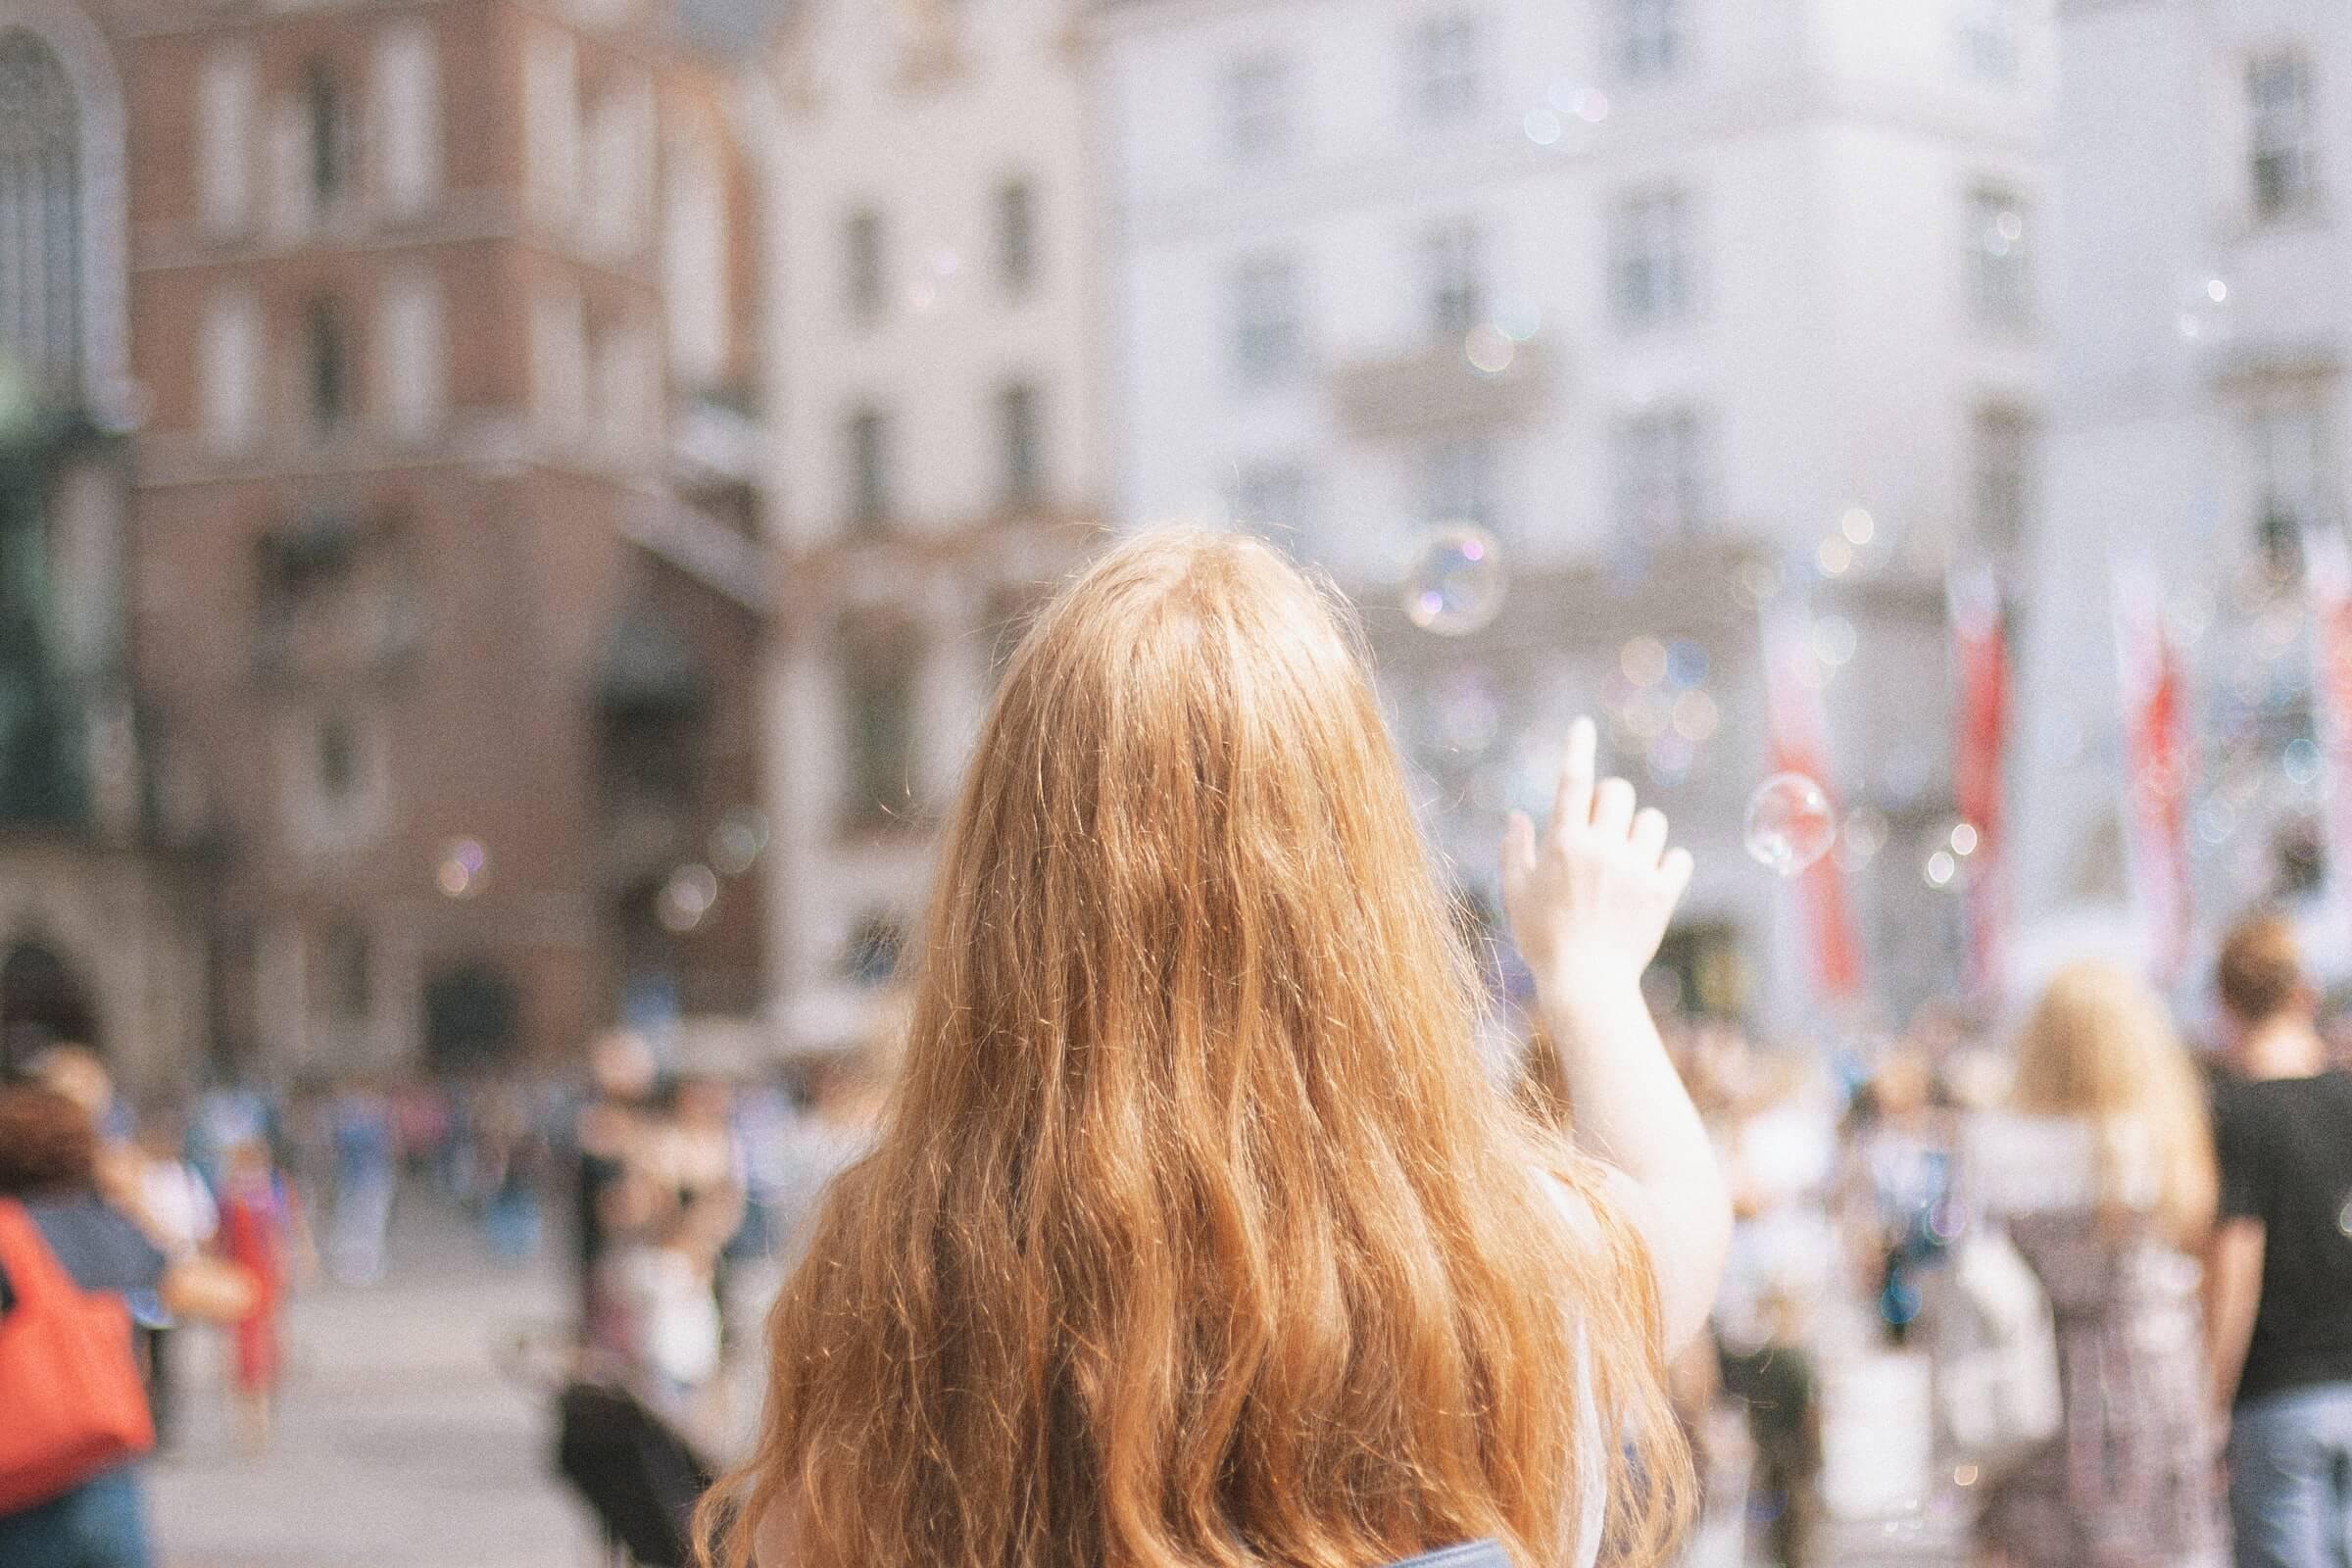 En pige i storbyen